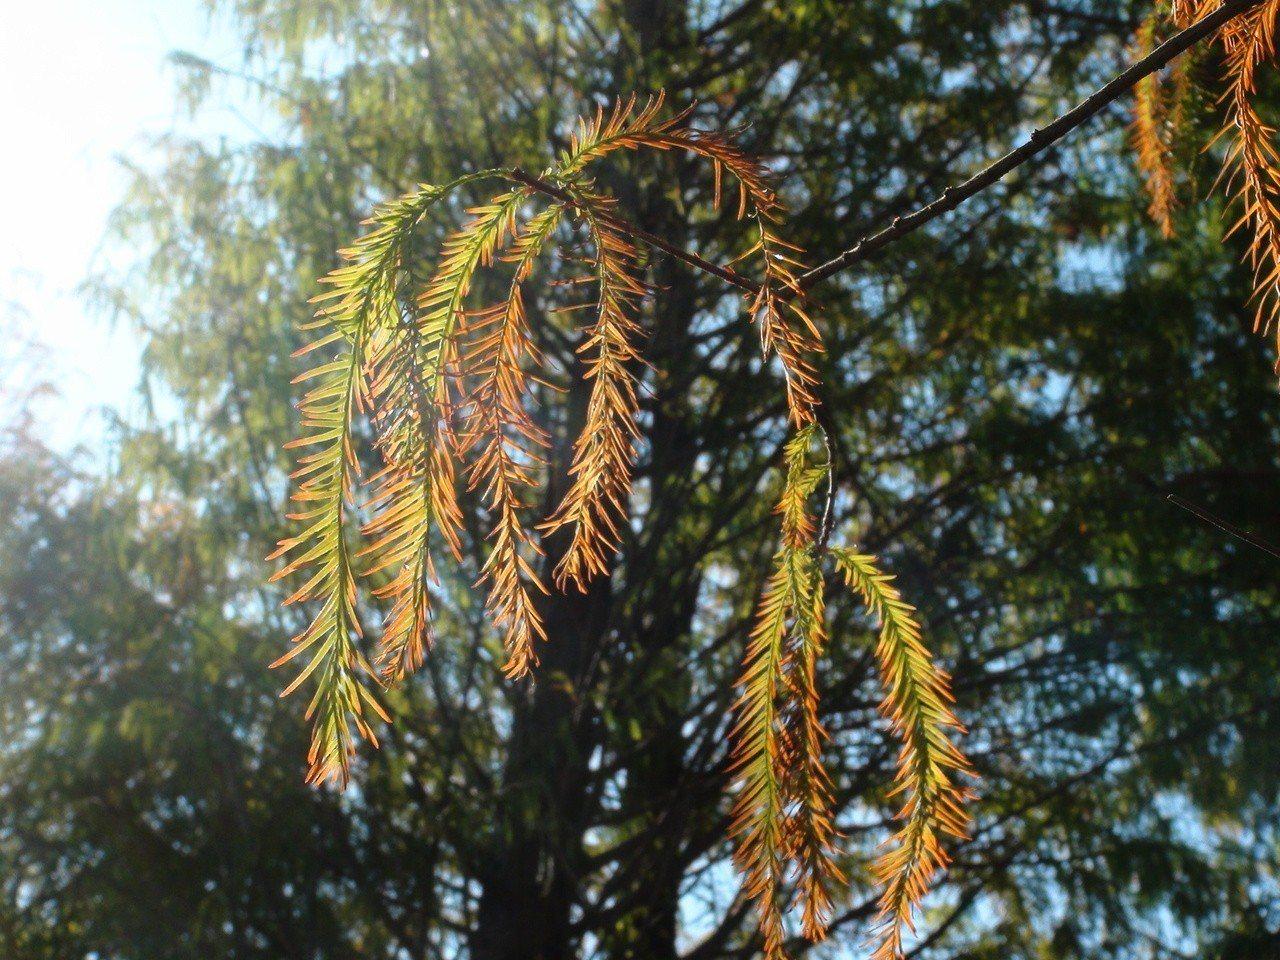 暖陽灑在樹梢上,更添詩意。記者余采瀅/攝影